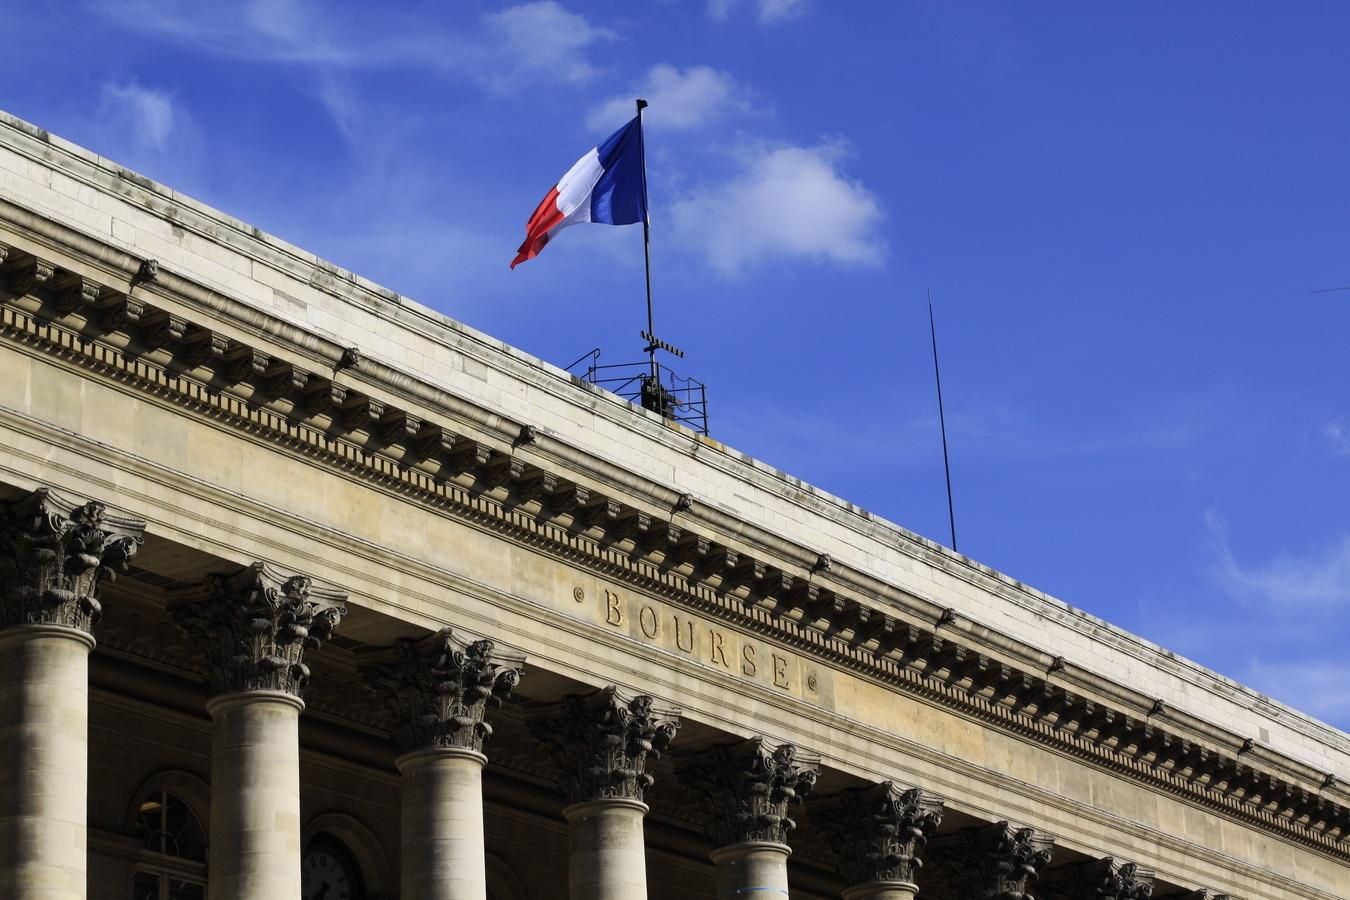 Bourse de Paris avec drapeau sur le ciel bleu